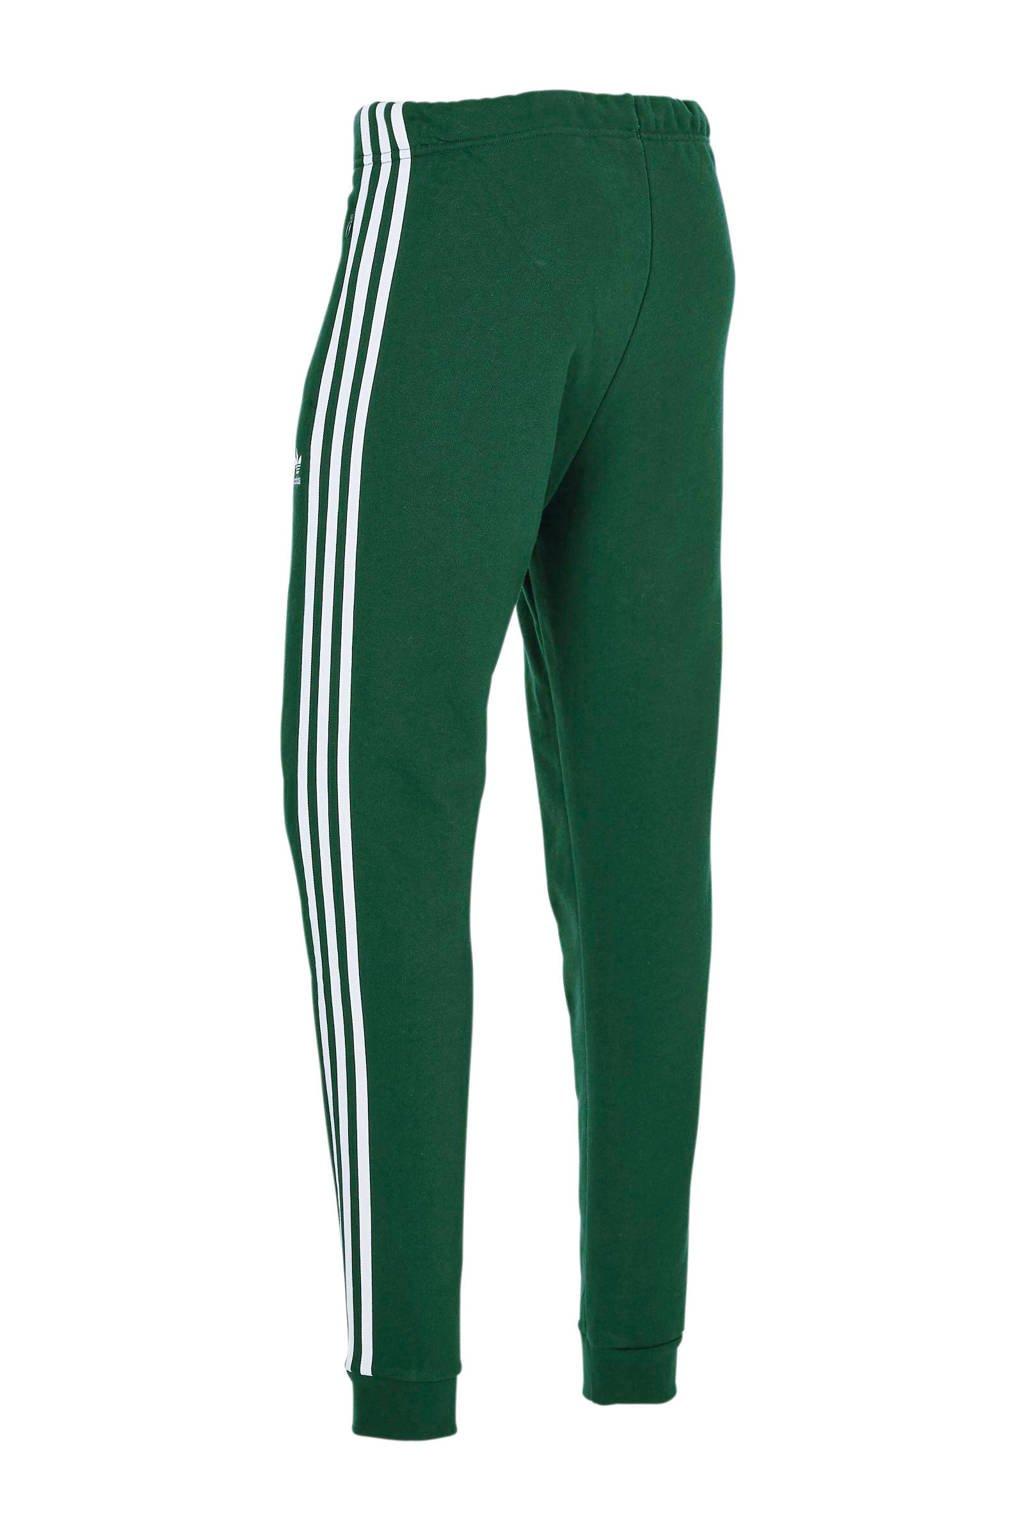 Joggingbroek Dames Groen.Adidas Originals Joggingbroek Groen Wehkamp